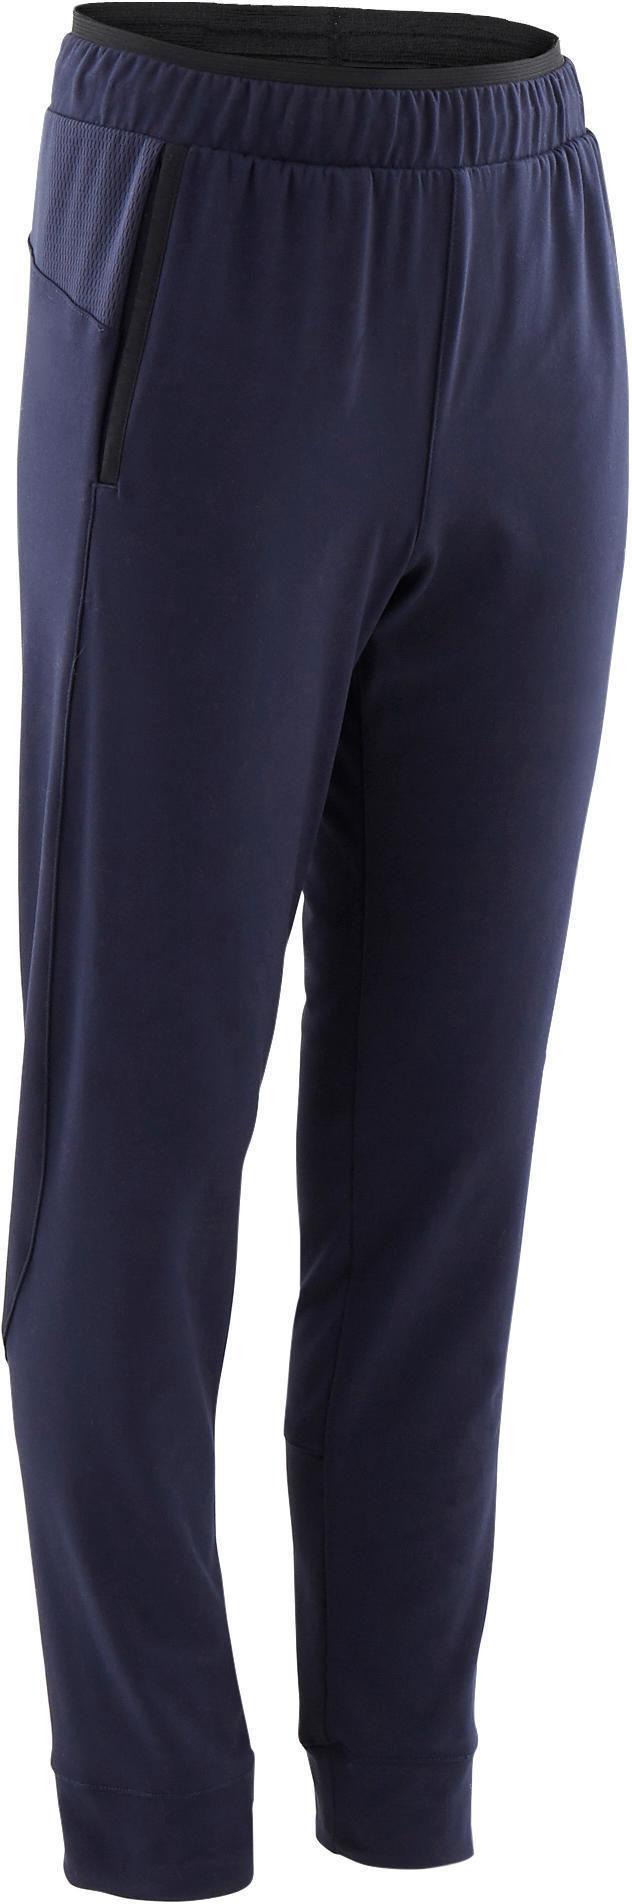 Spodnie dresowe slim S500 dla dzieci